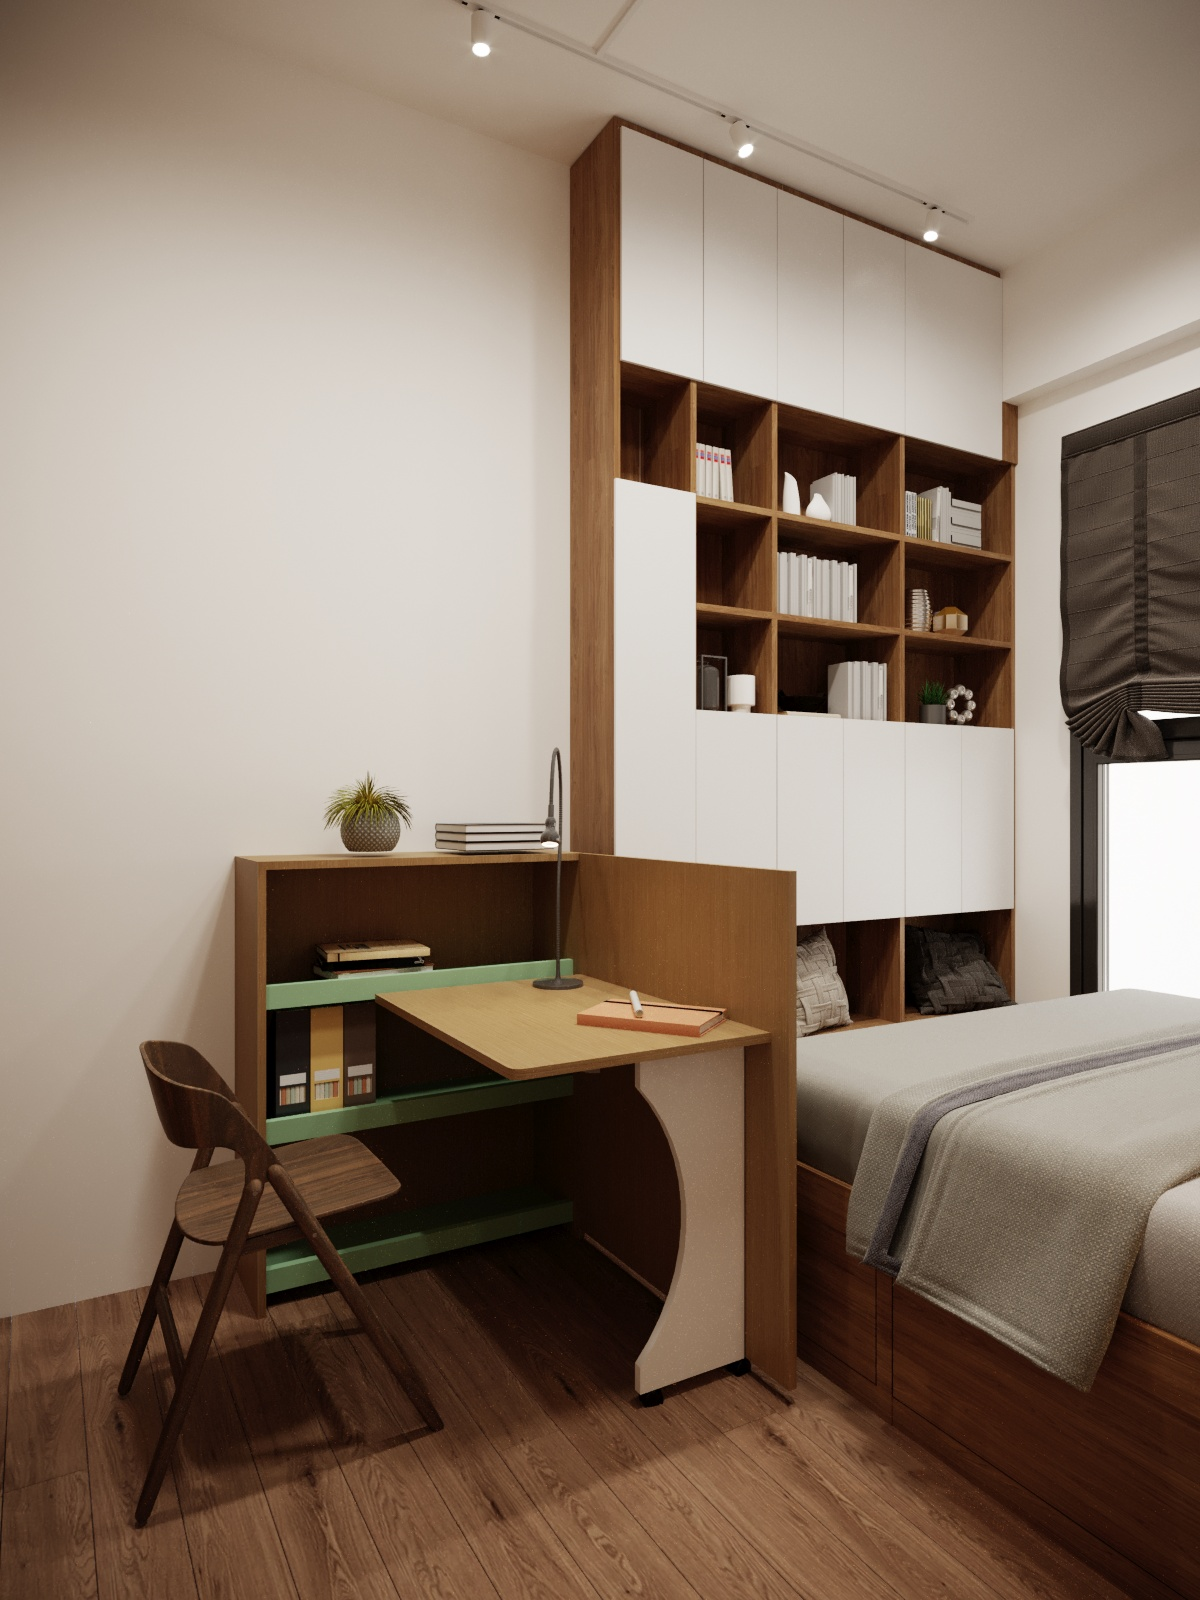 Thiết kế nội thất Chung Cư tại Hưng Yên ecorpark city 1582532953 10